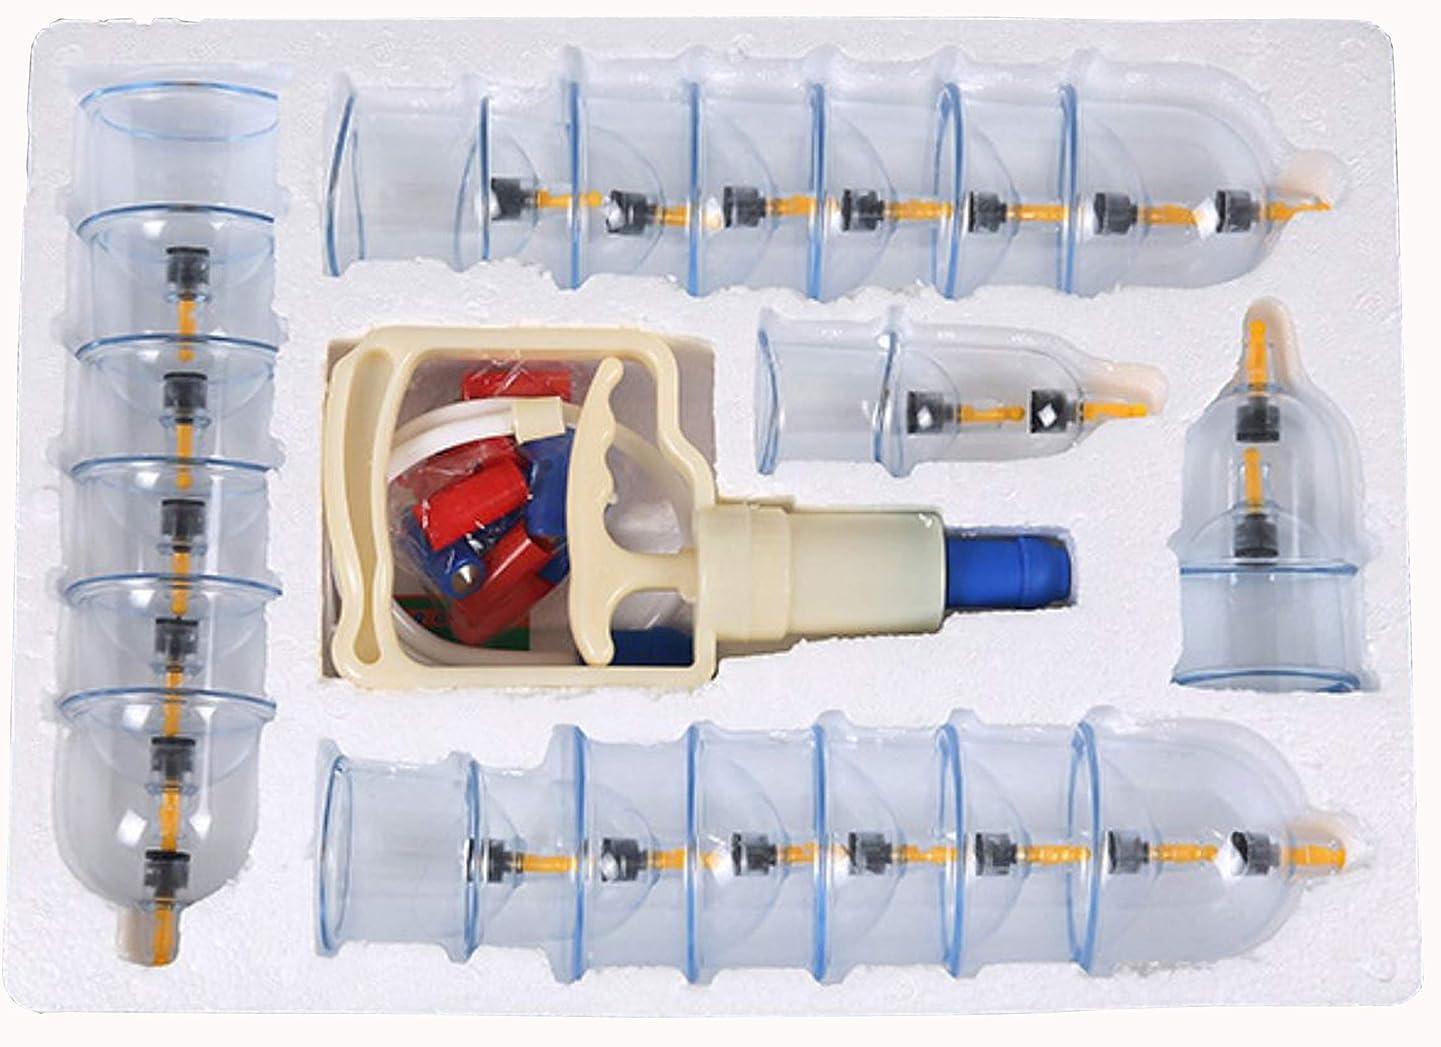 ギャラントリー注入する消毒する(ラフマトーン) カッピング 吸い玉 大きいカップが多い 吸い玉 5種 24個セット 磁針 12個 関節用カップ付 脂肪吸引 自宅エステ